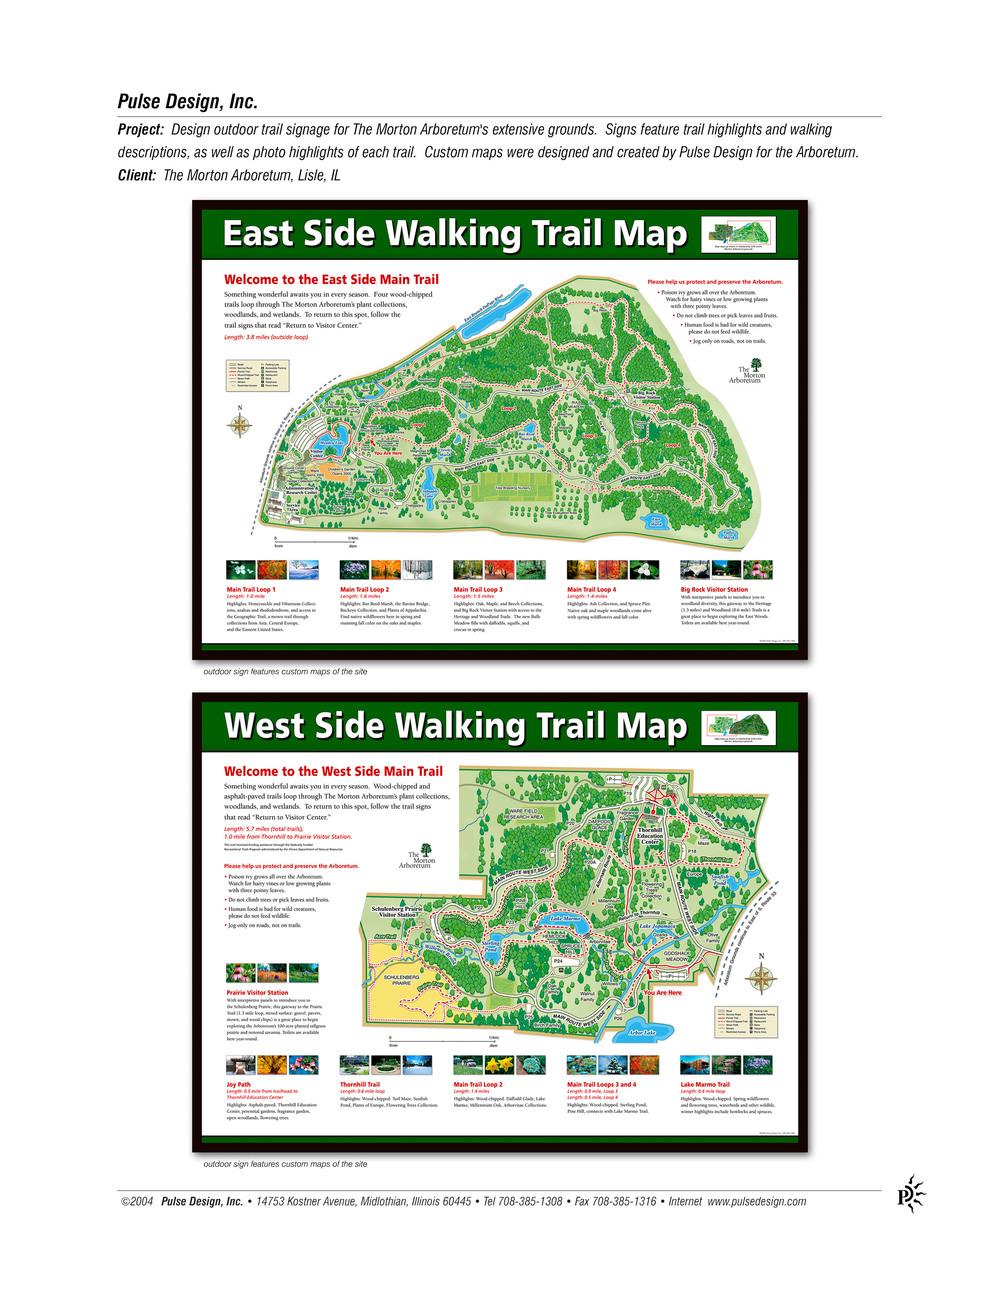 Morton-Arboretum-Map-Trail-Signs-Pulse-Design-Inc.jpg